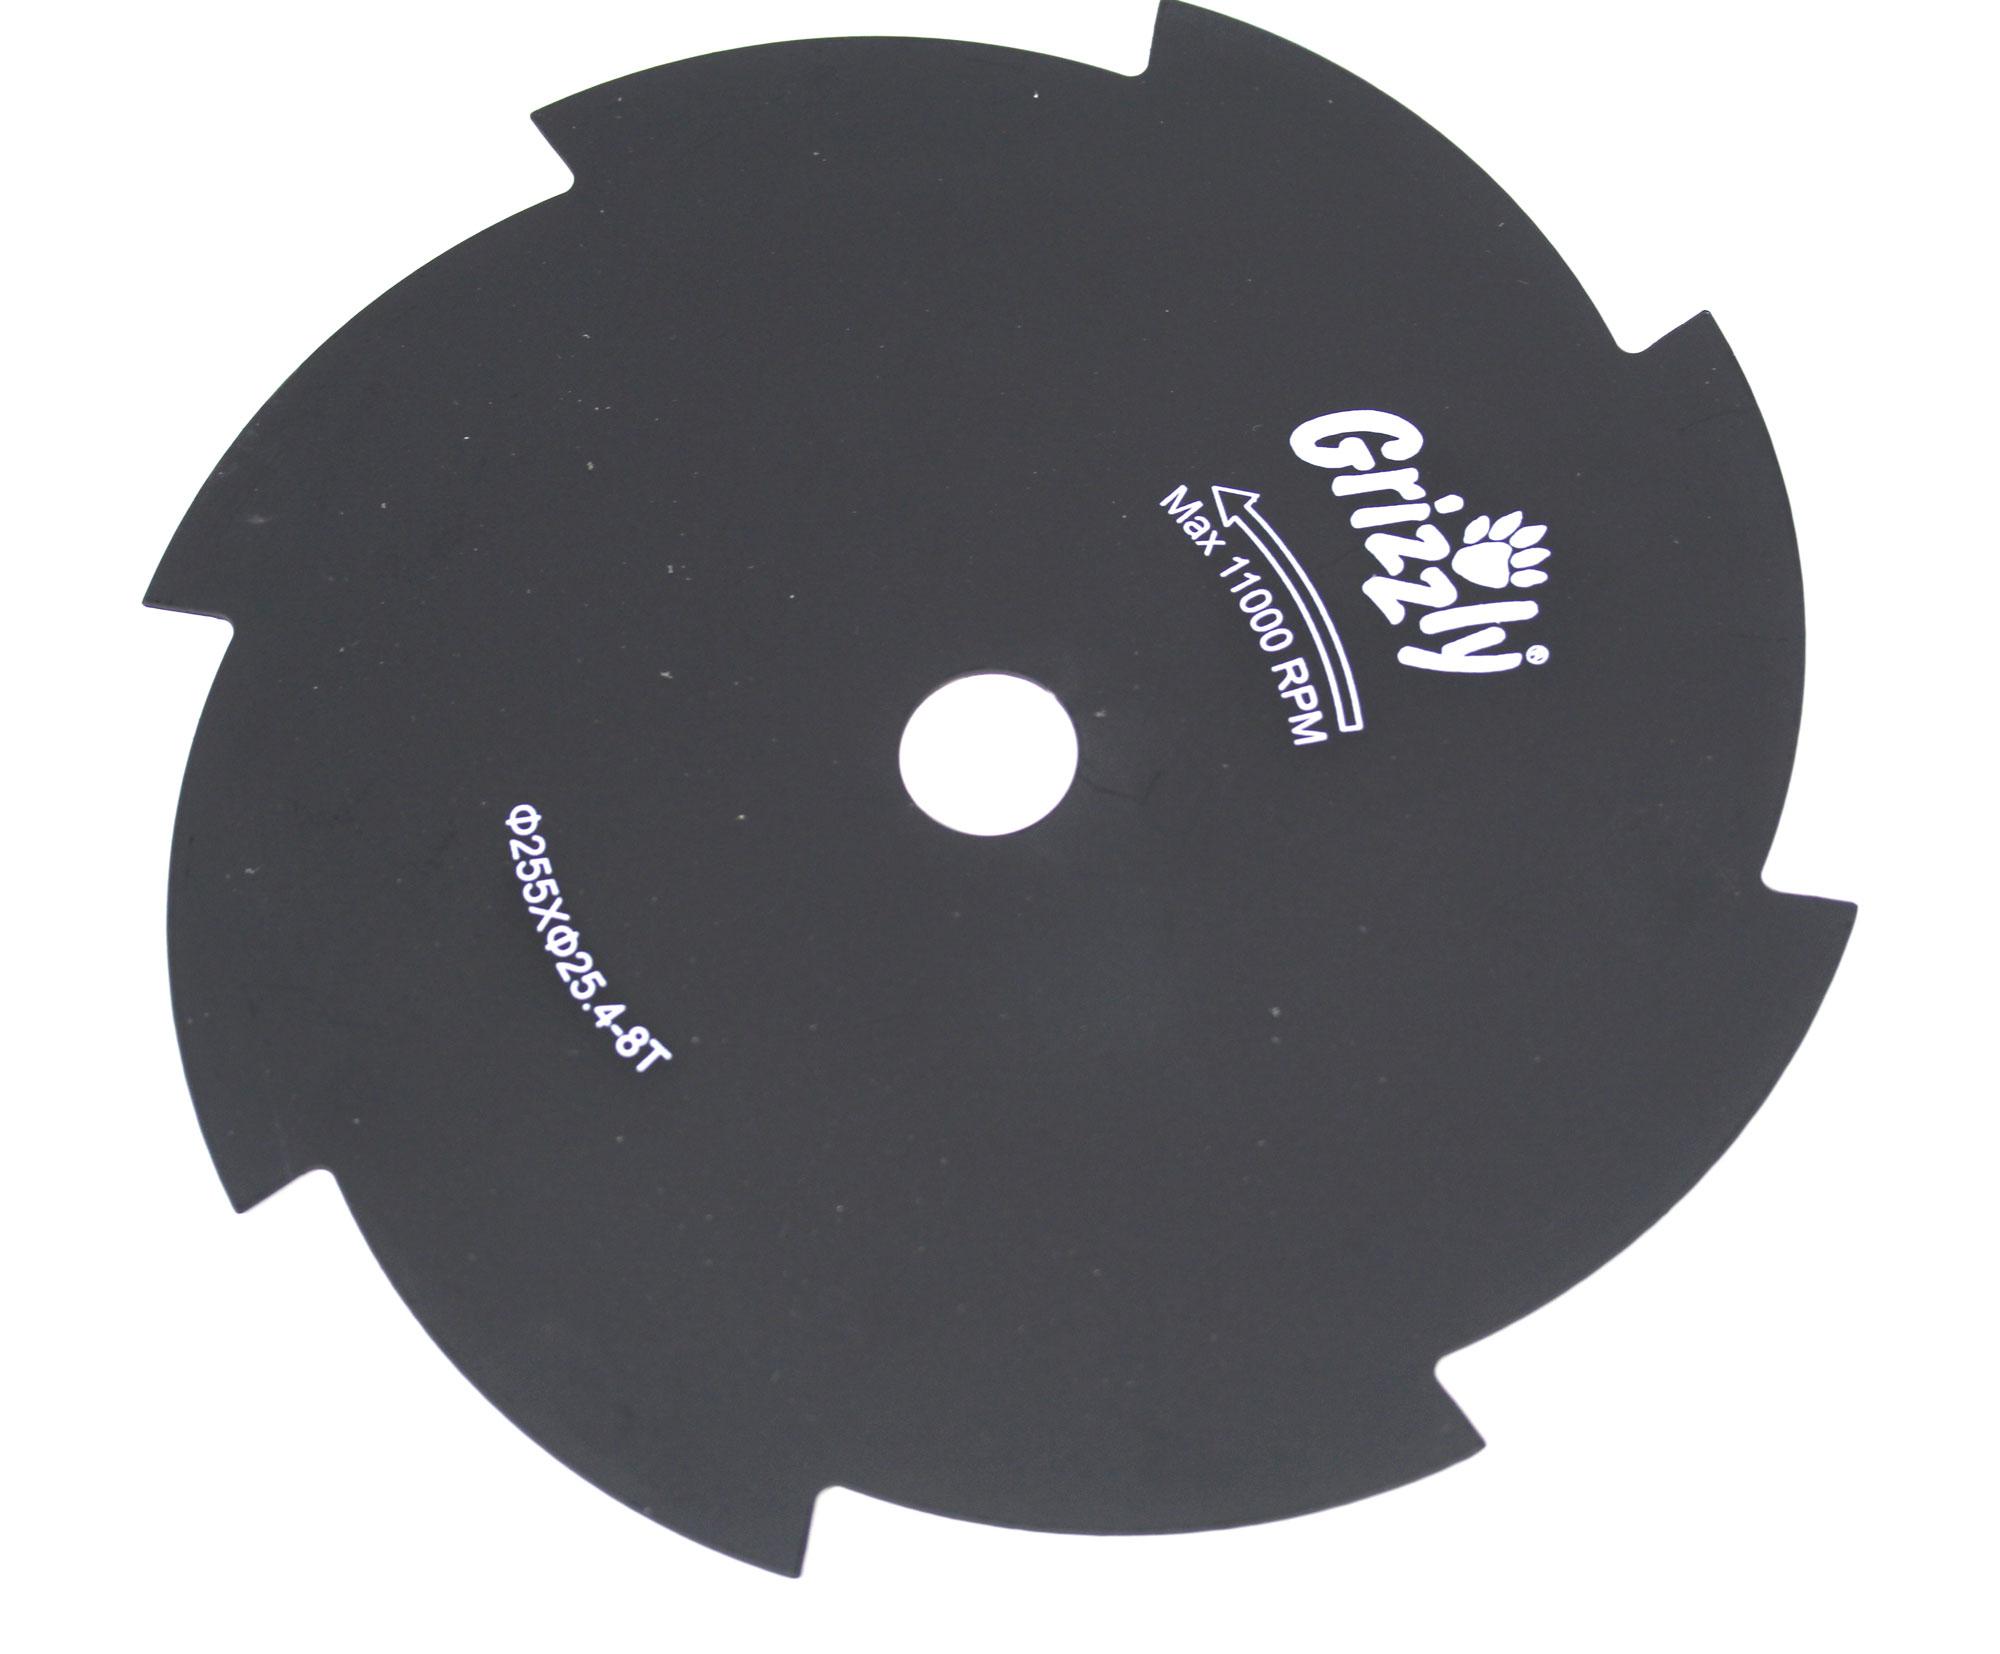 Ersatz 8-Zahnmesser für Grizzly Motorsense MTS 43-14 E2 Bild 1